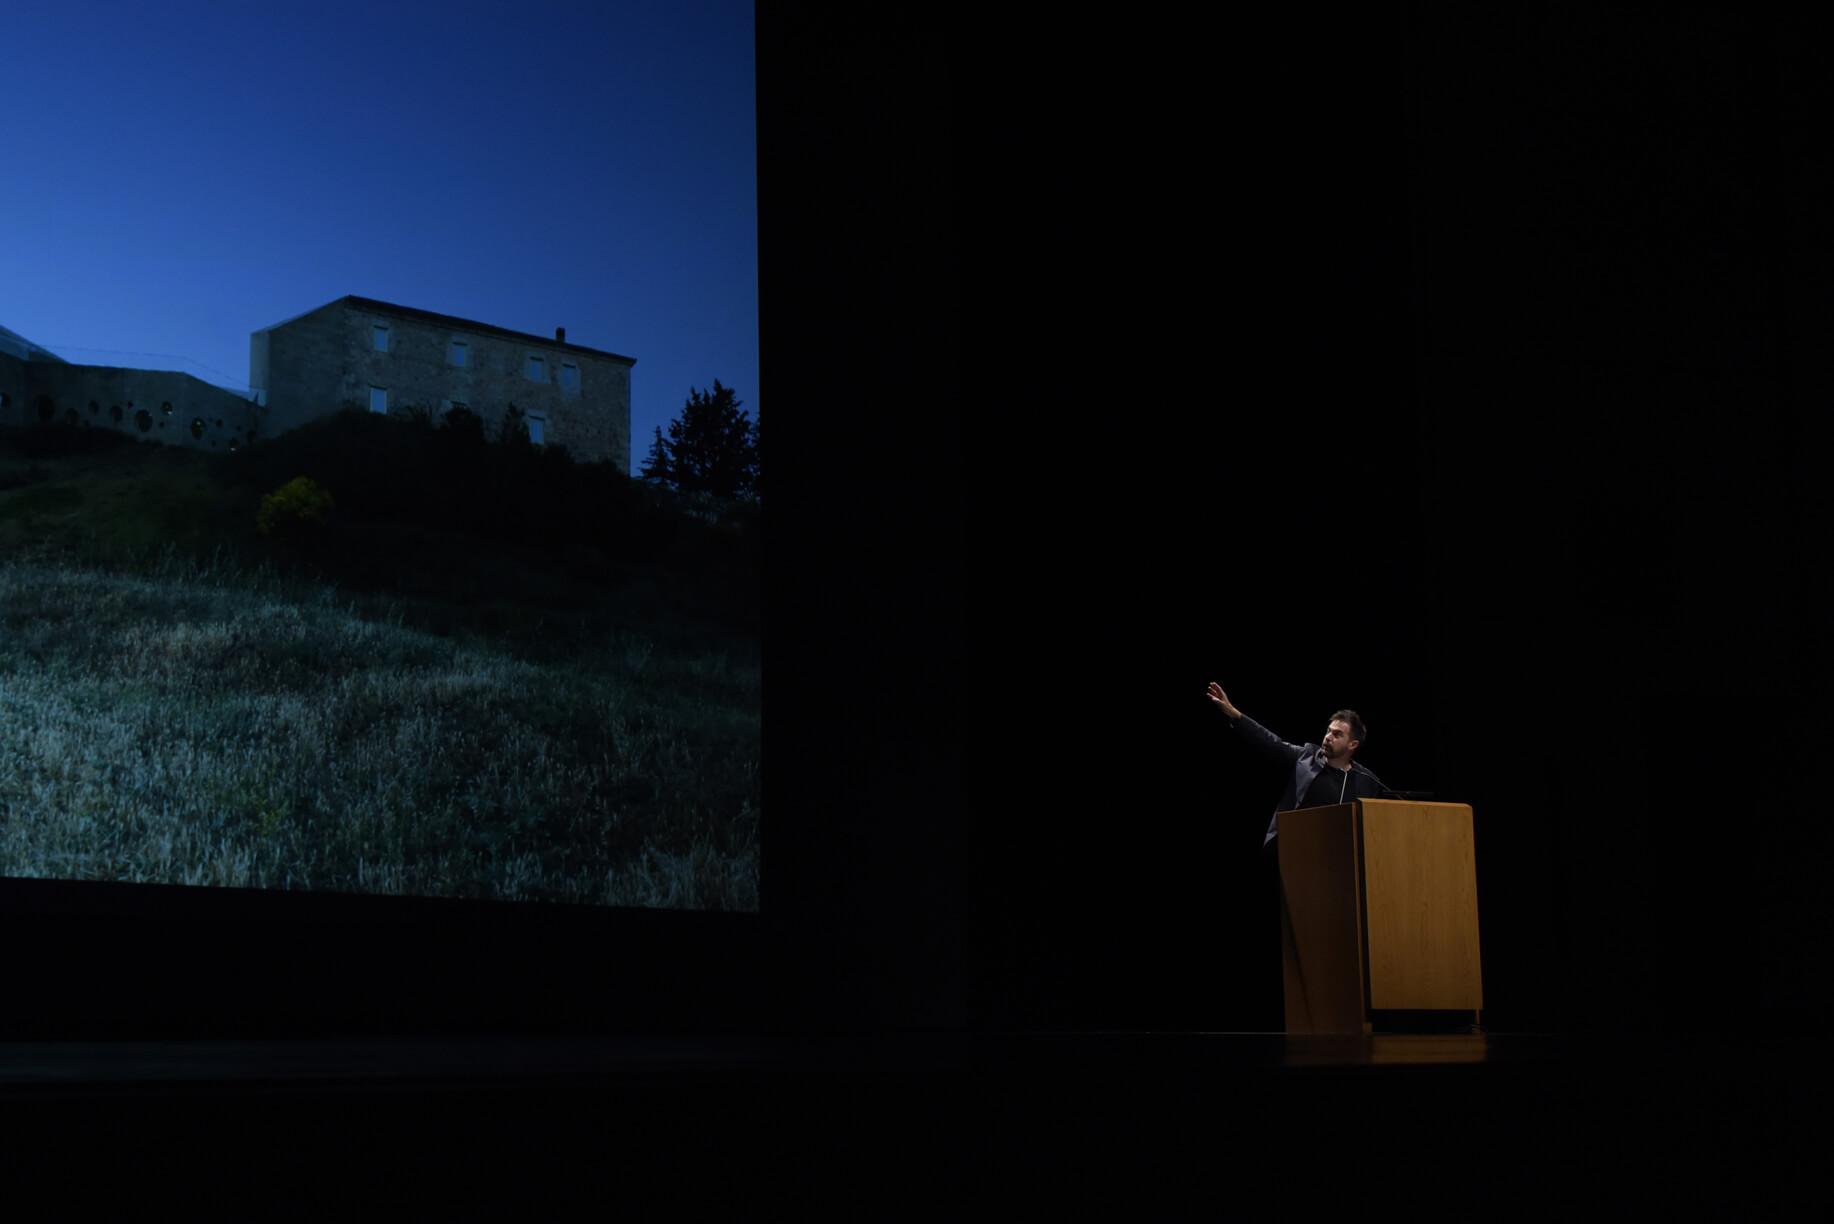 Conferência do arquitecto Fabrizio Barozzi